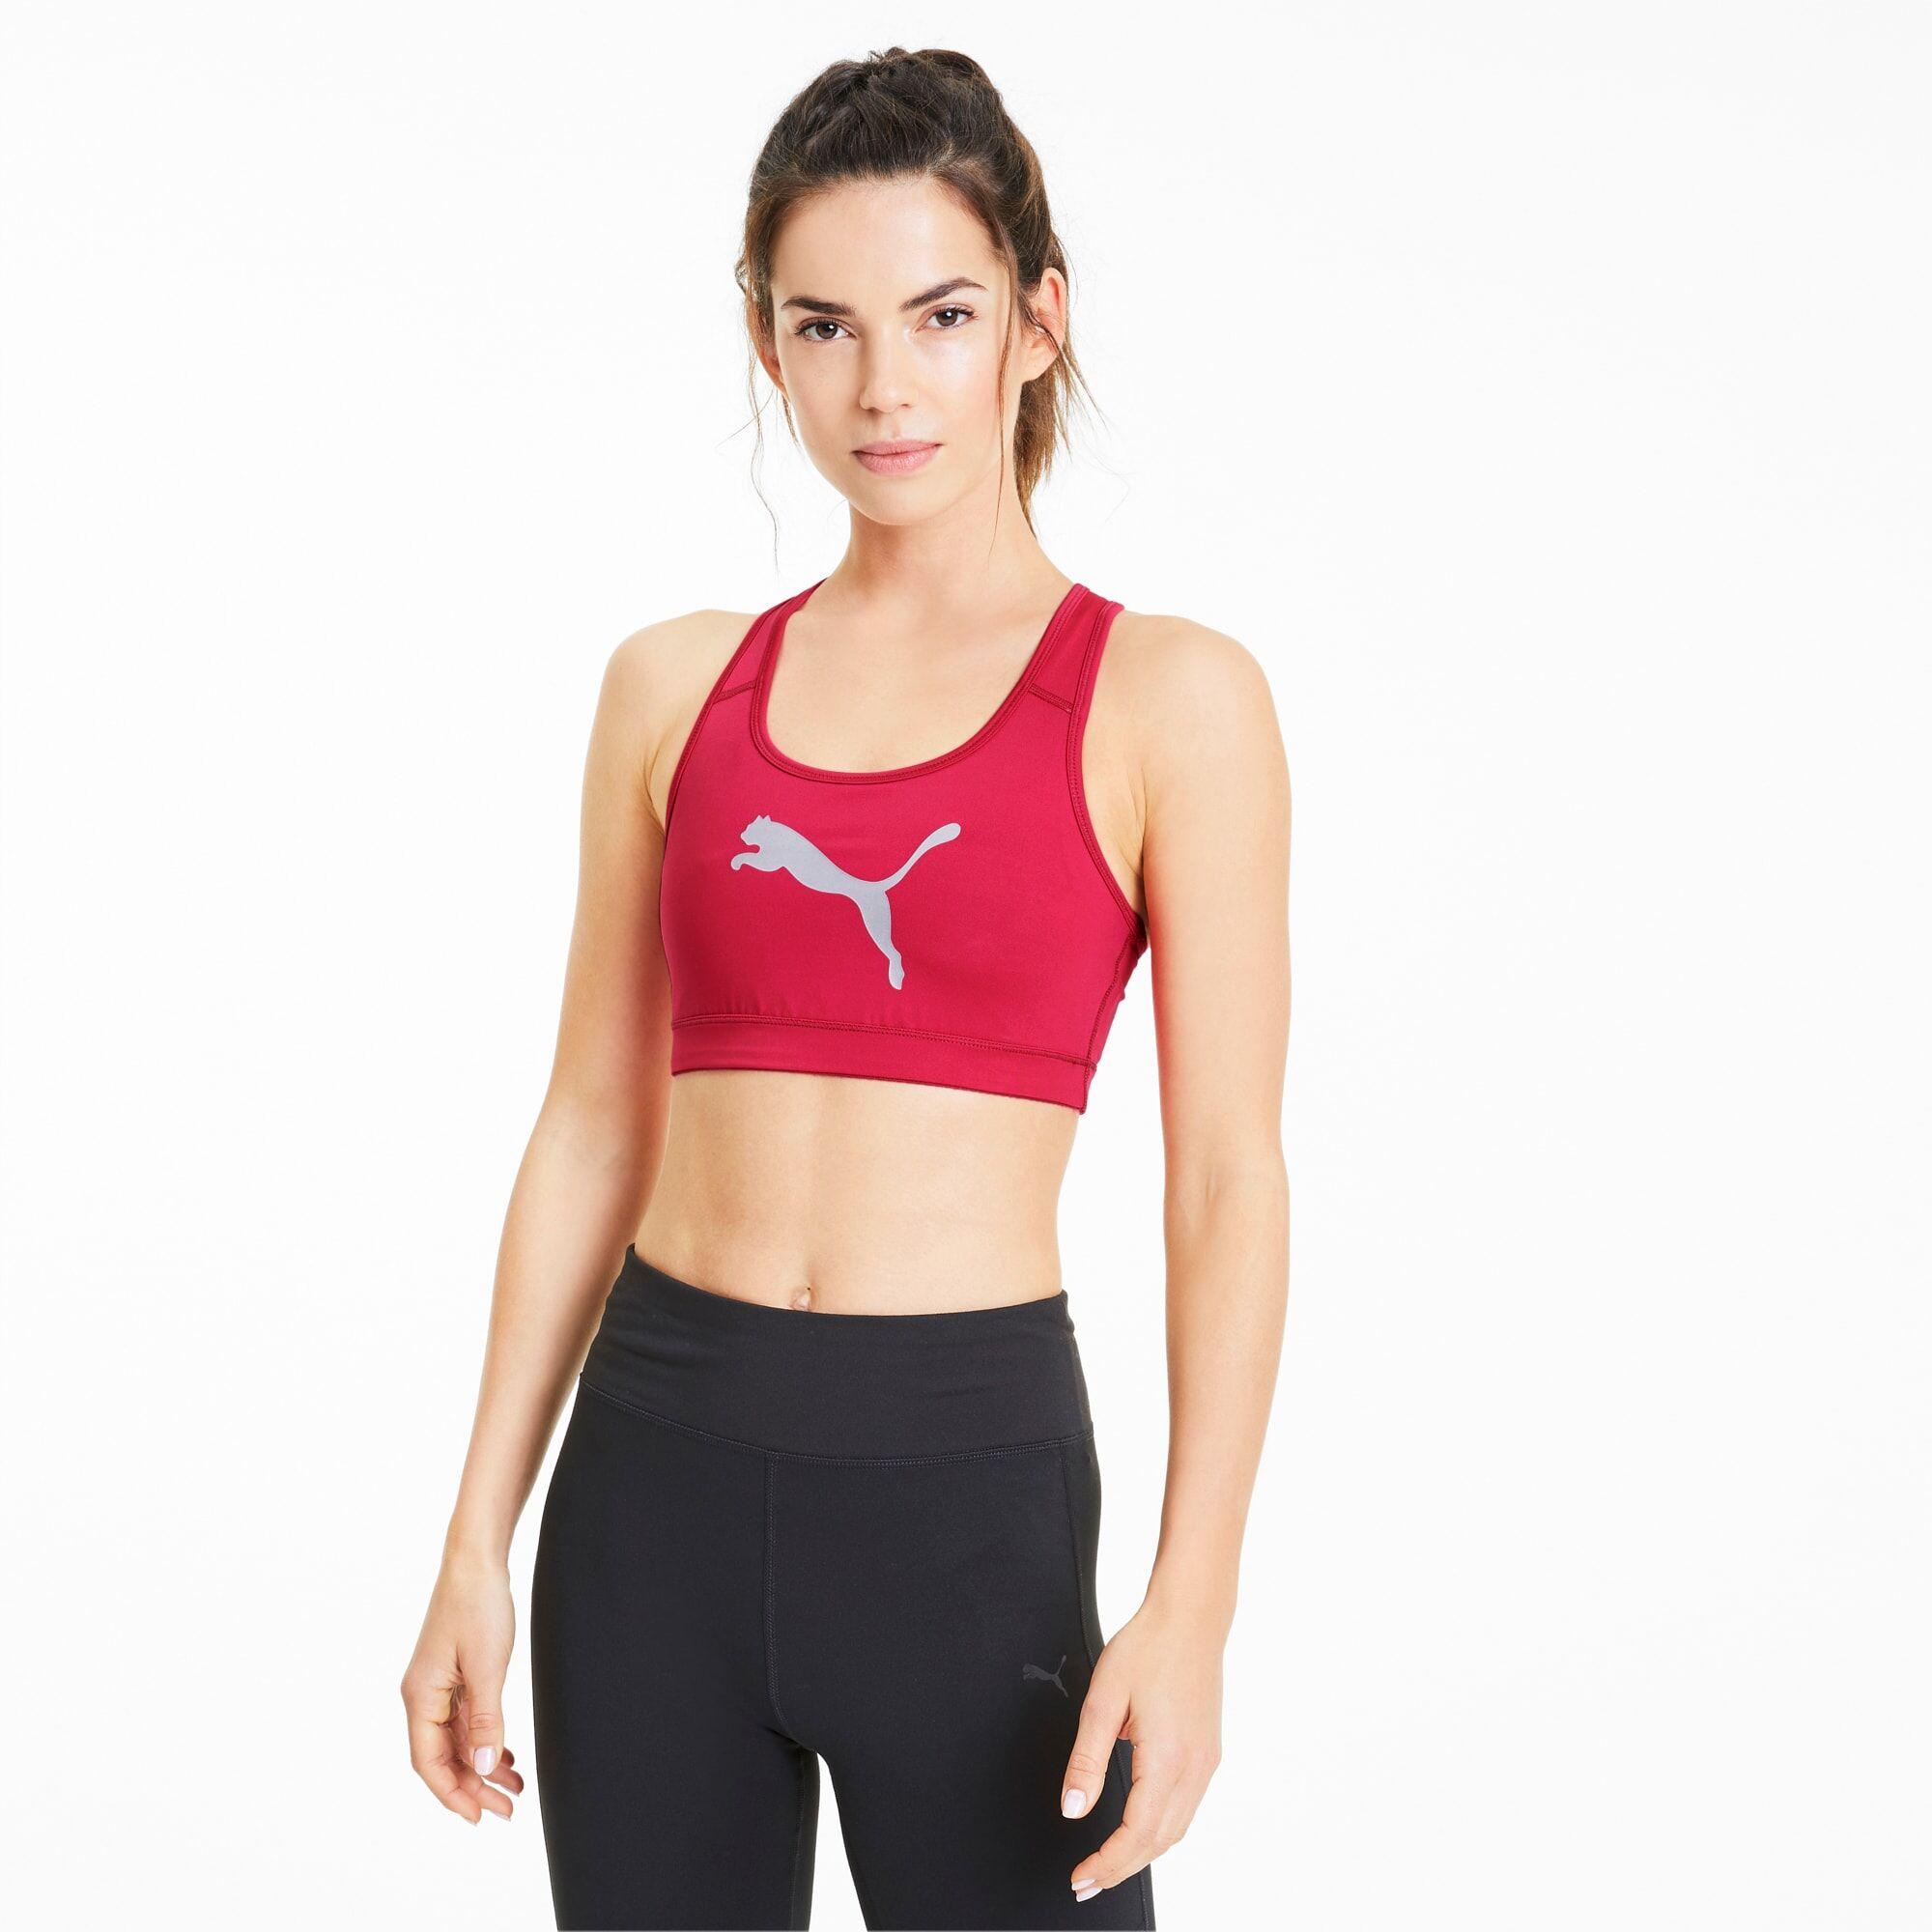 PUMA Soutien-gorge de sport 4Keeps pour Femme, Argent/Rose/Logo Chat, Taille L, Vêtements